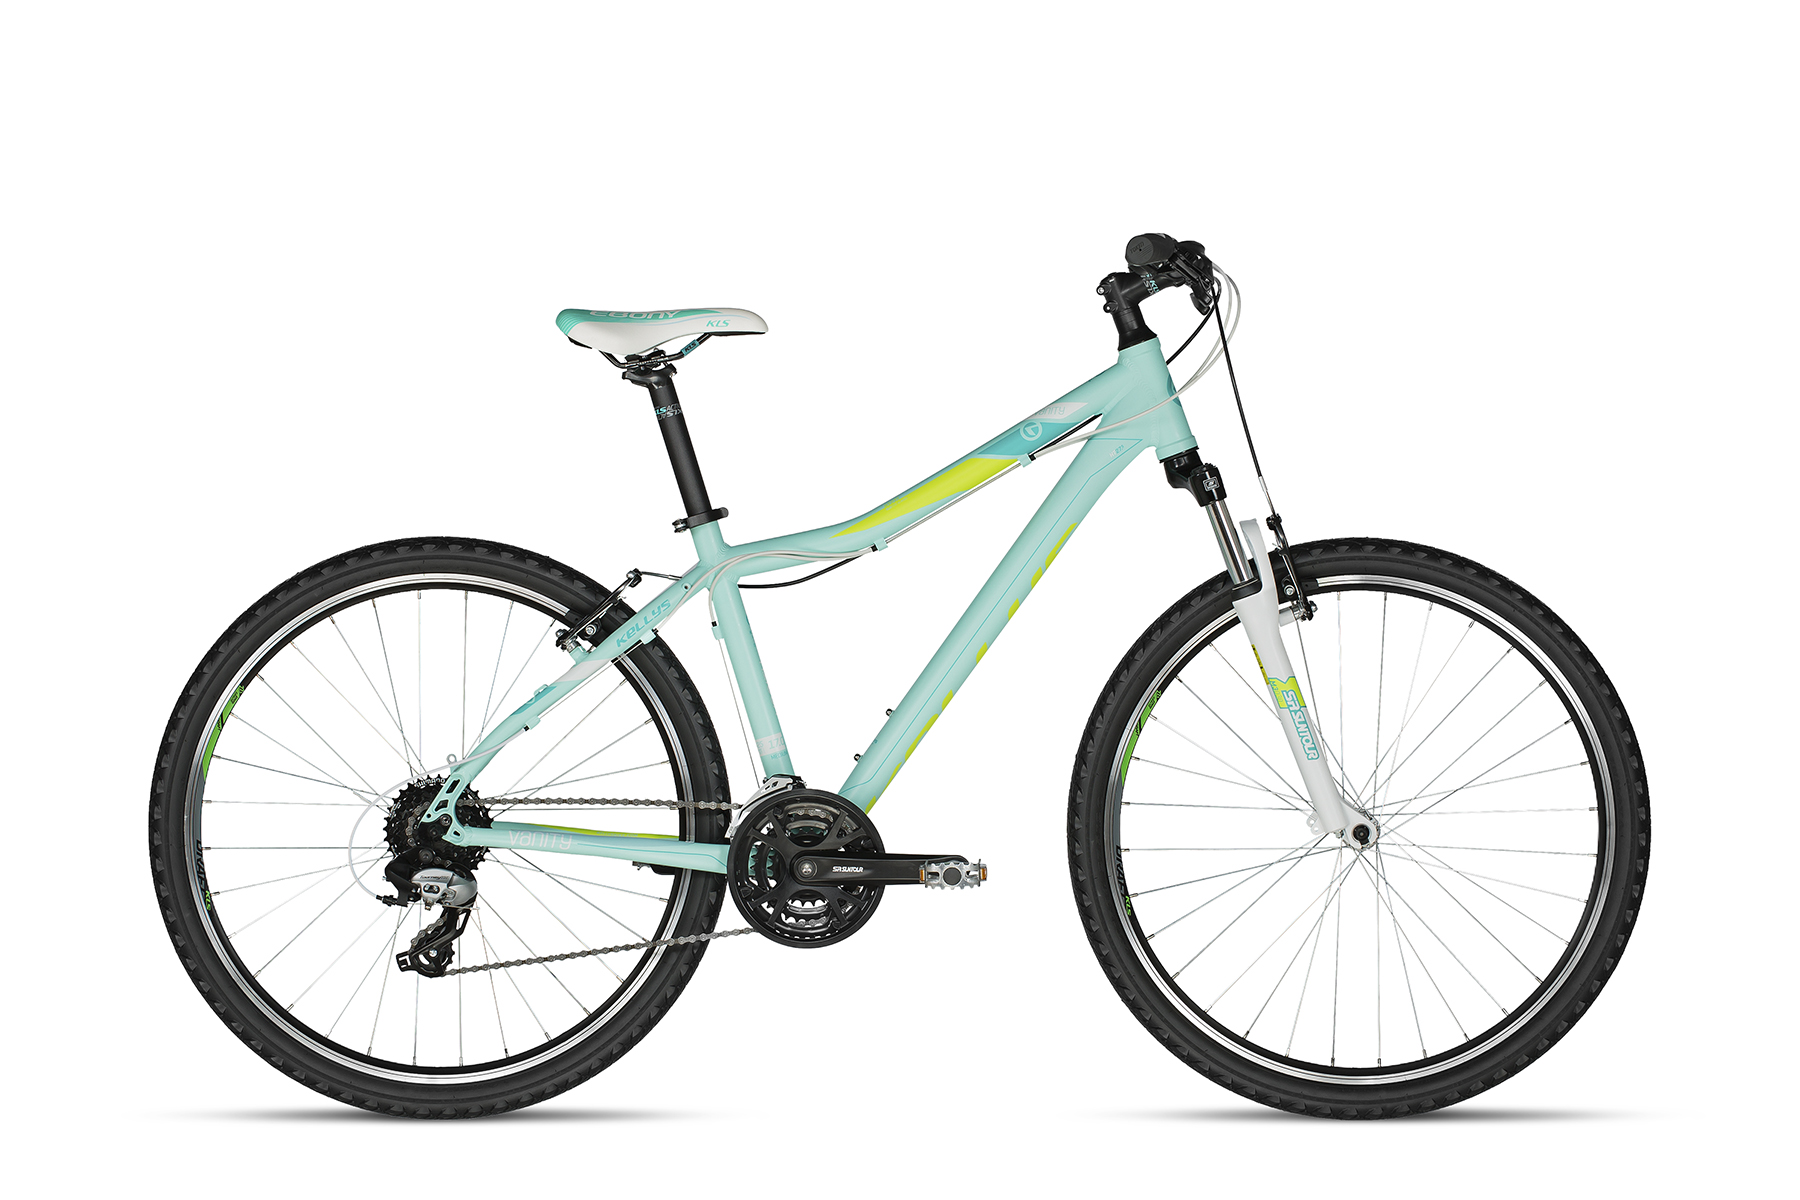 6abc7b66c08f Kellys Vanity 20 (27,5) kerékpár 2018